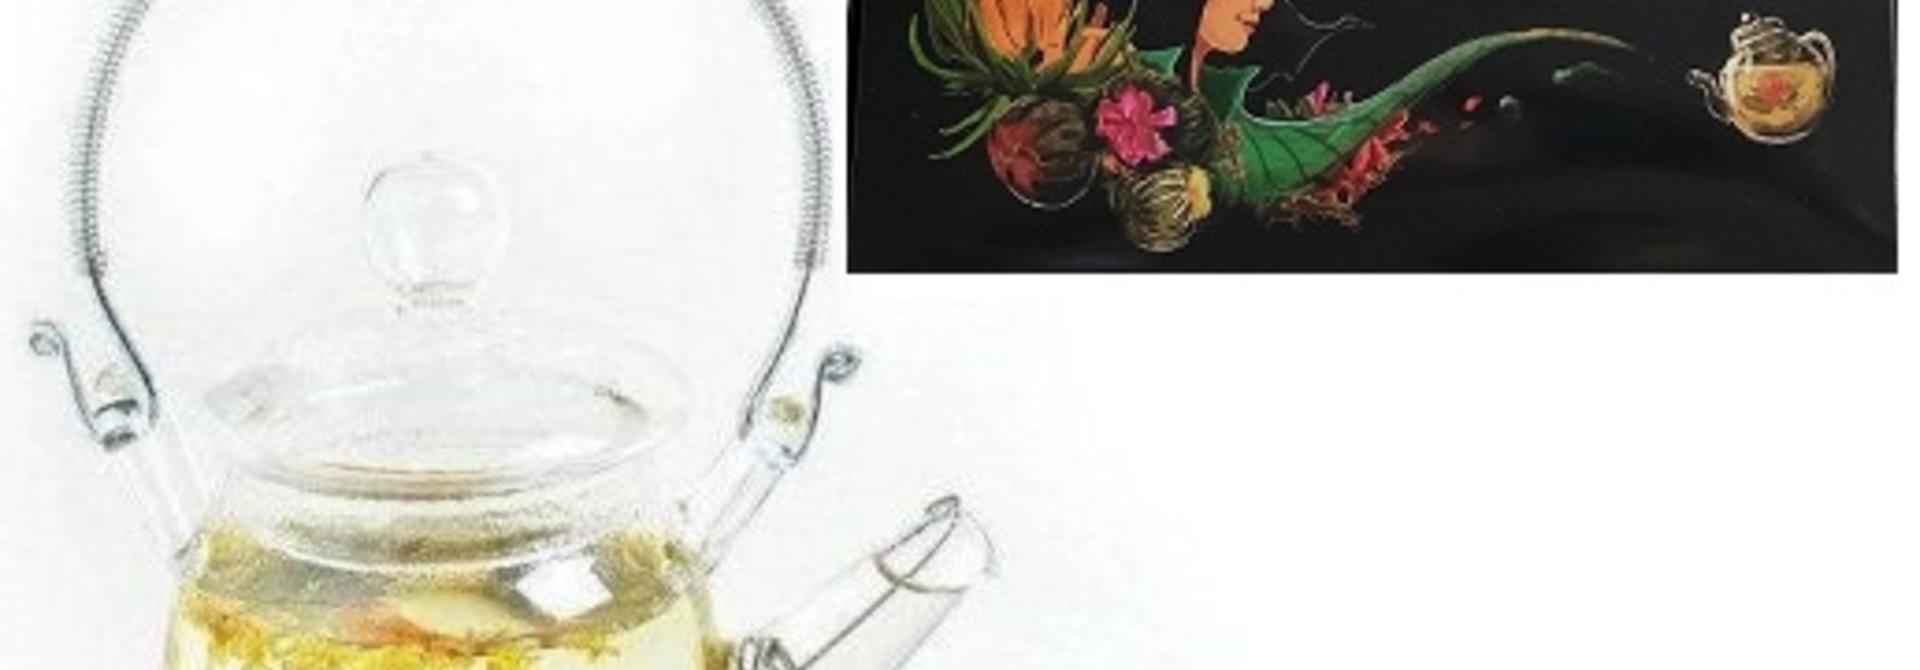 12 Theebloemen + Theepotje 350ml in Glas